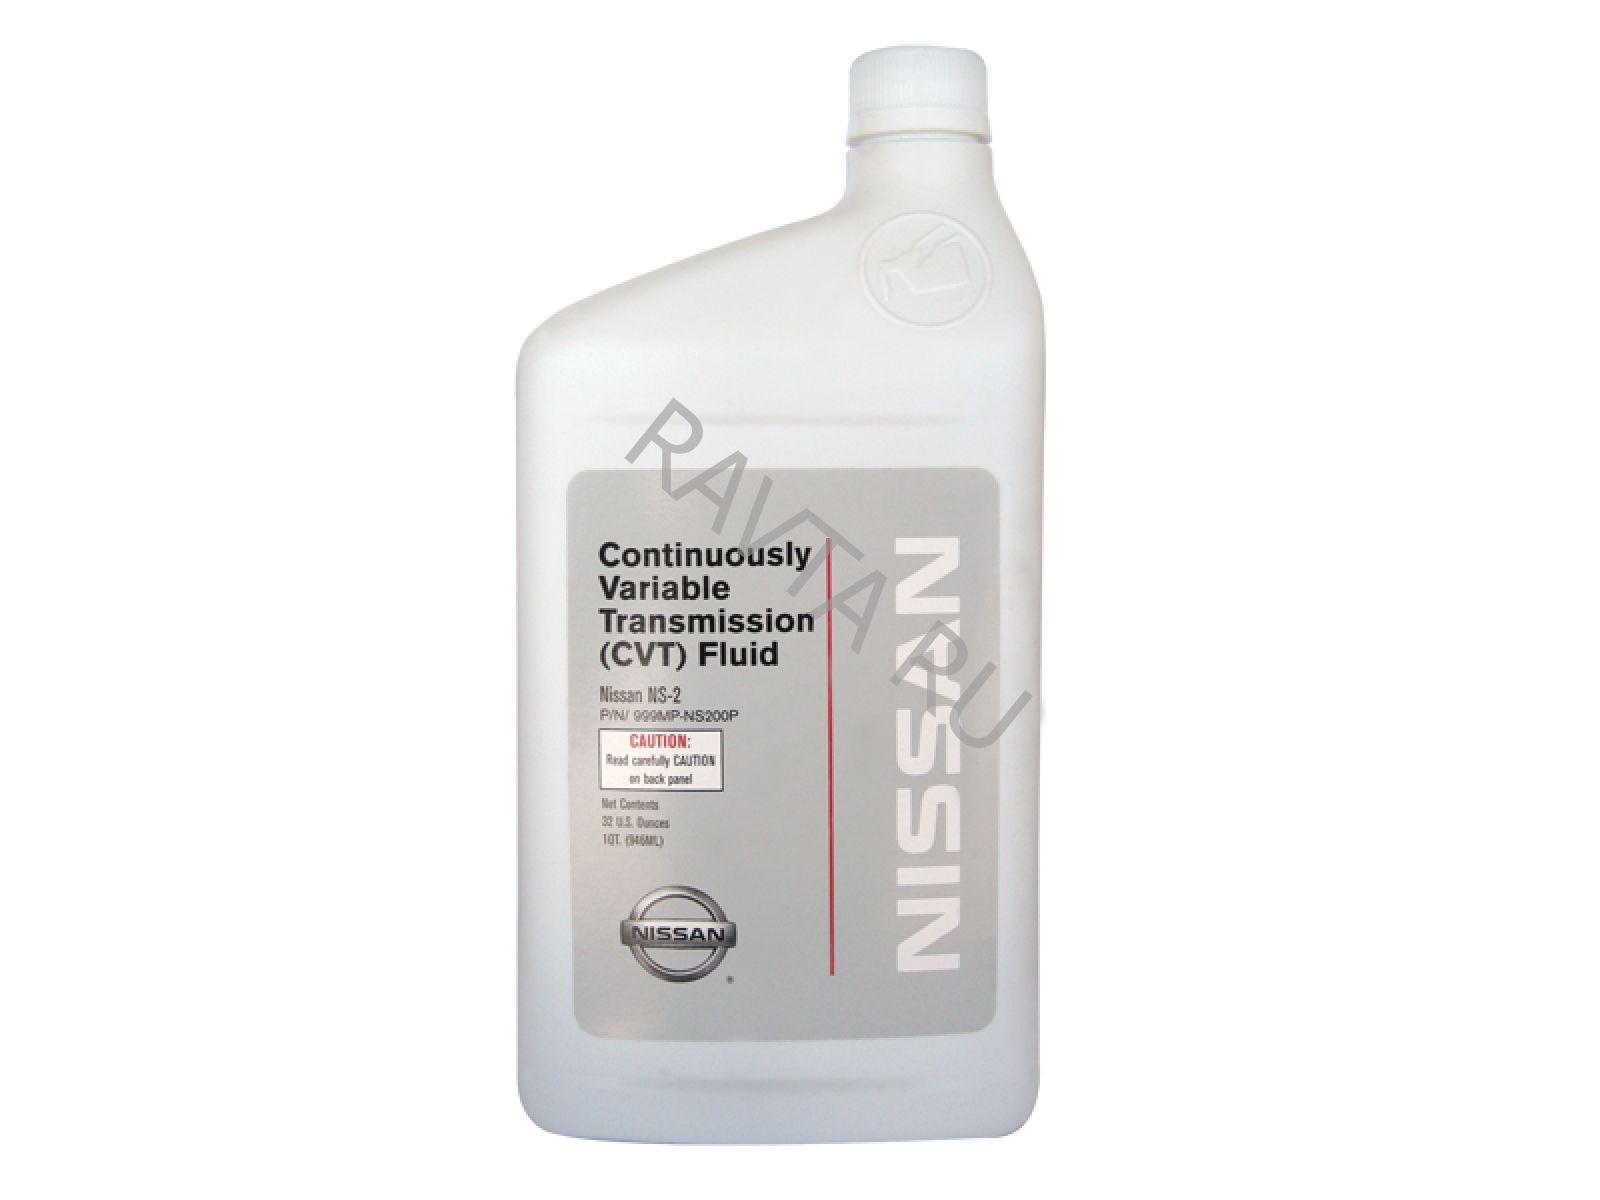 Масло Nissan CVT NS-2 (0,946л)Nissan<br><br><br>Артикул: 999MP-NS200P<br>Тип масла: Трансмиссионное<br>Бренд: Nissan<br>Объем (л): 0,946<br>Применение масла: автоматические трансмиссии<br>Объем (л): 0,946